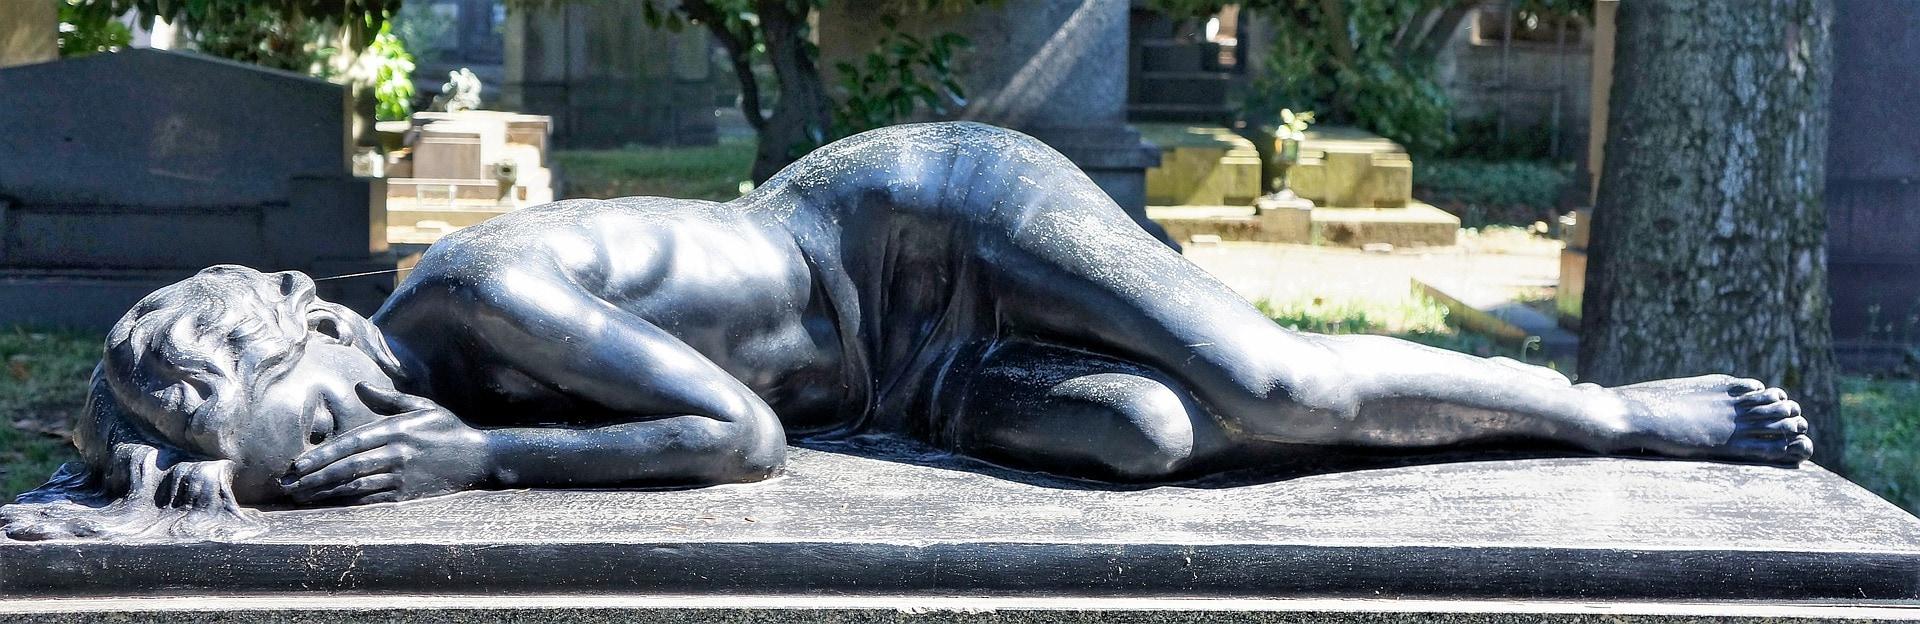 Frauenstatue trauernd liegend in Bronze auf Sockel